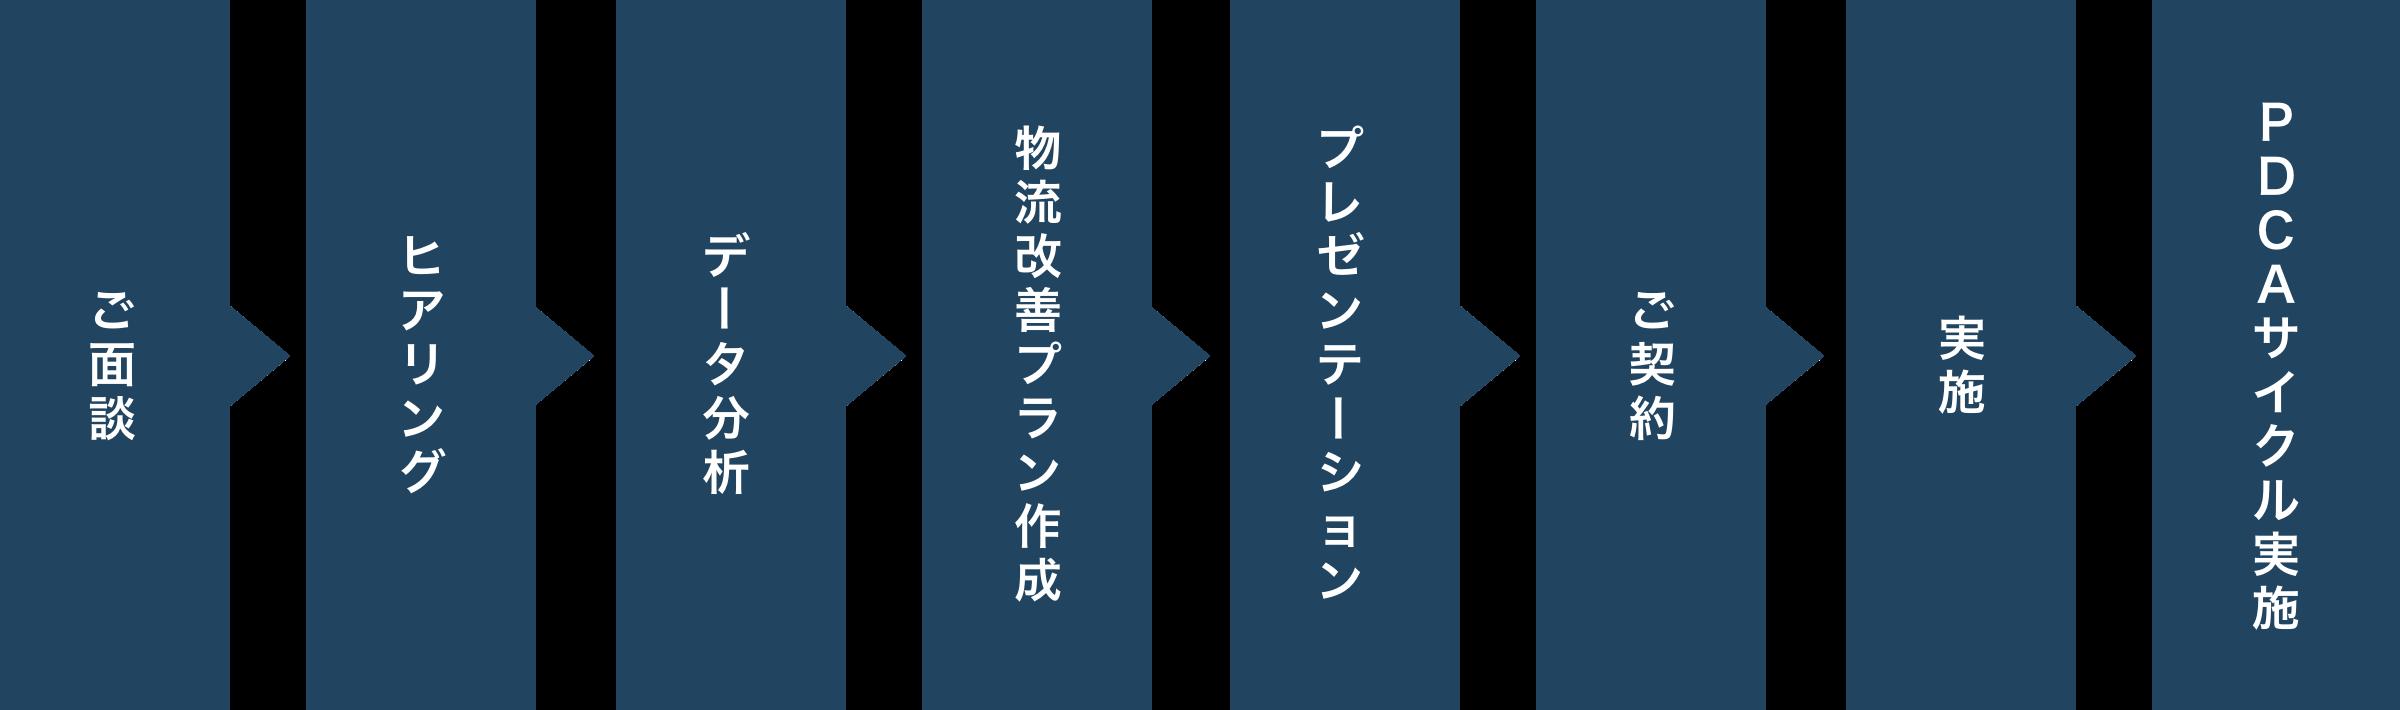 ご提案のフロー図